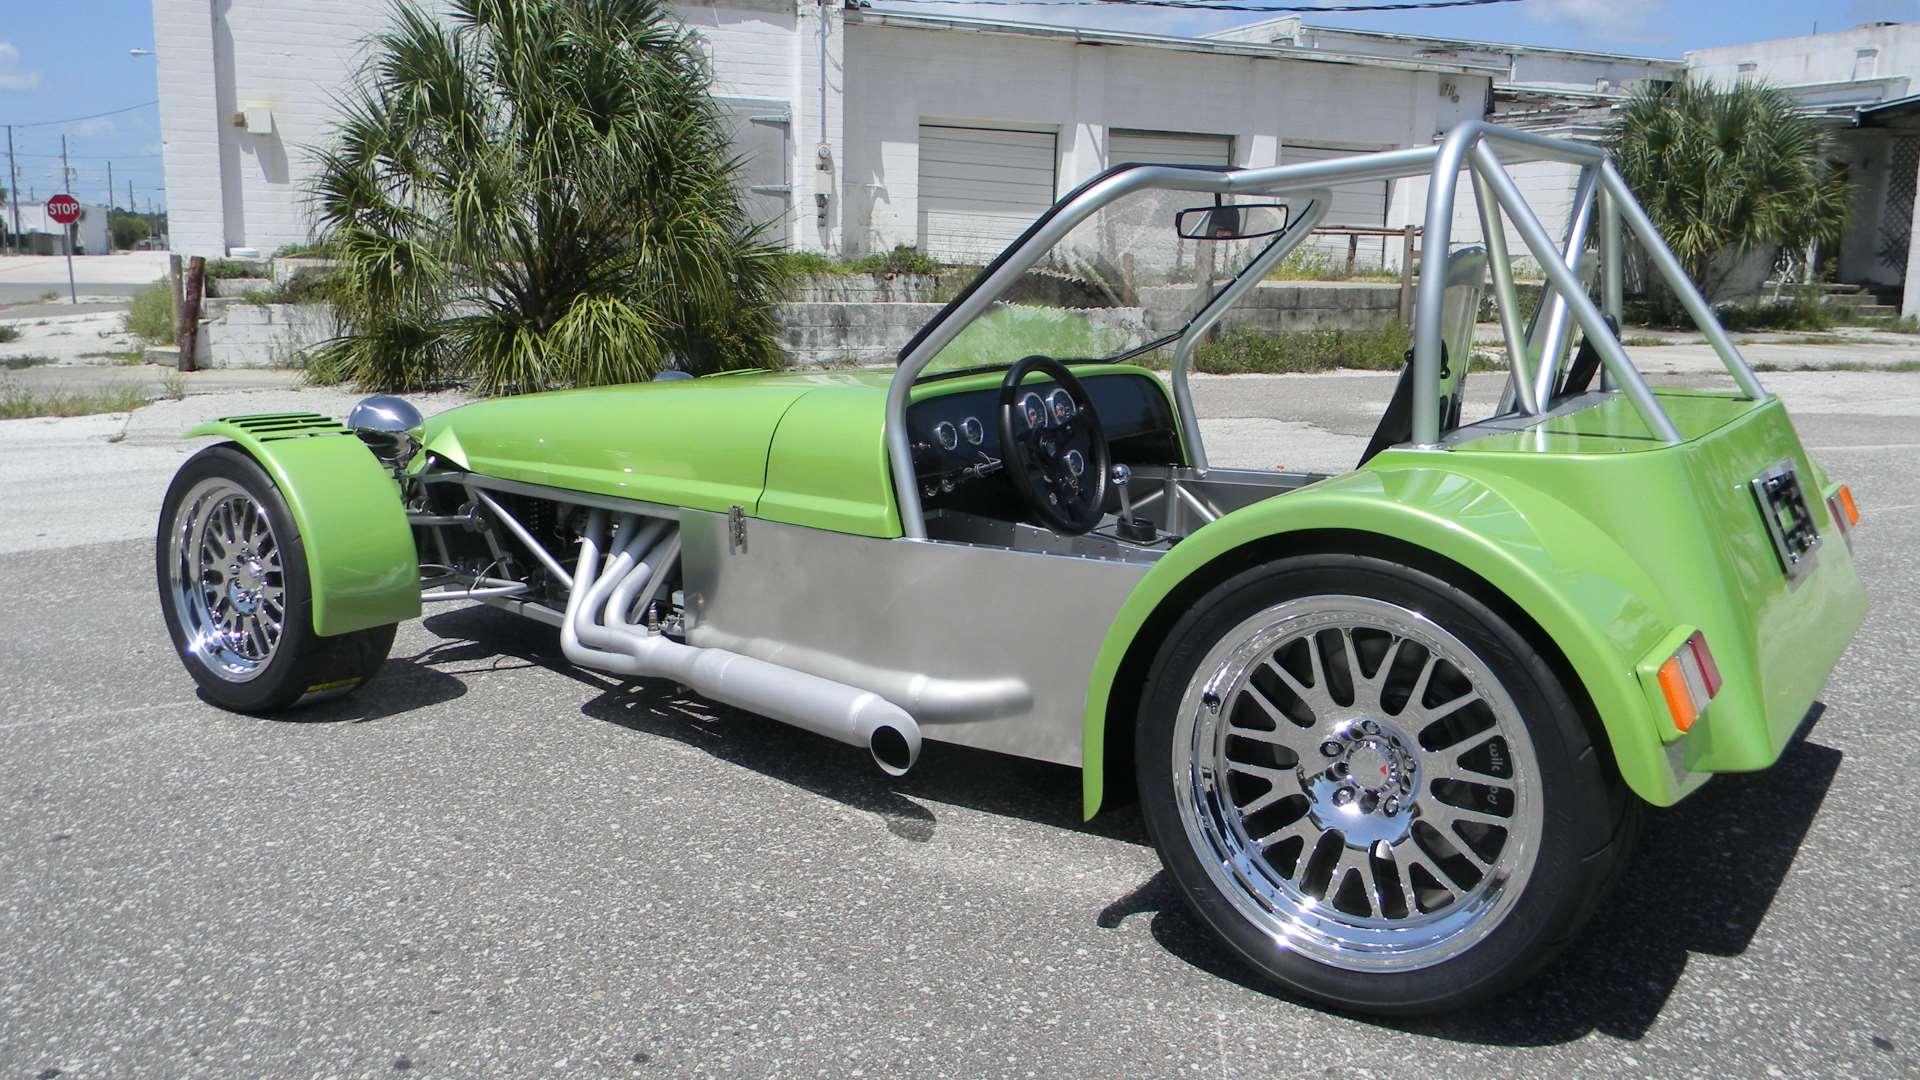 Lotus 7 kit car usa - Lotus 7 Kit Car Usa 37